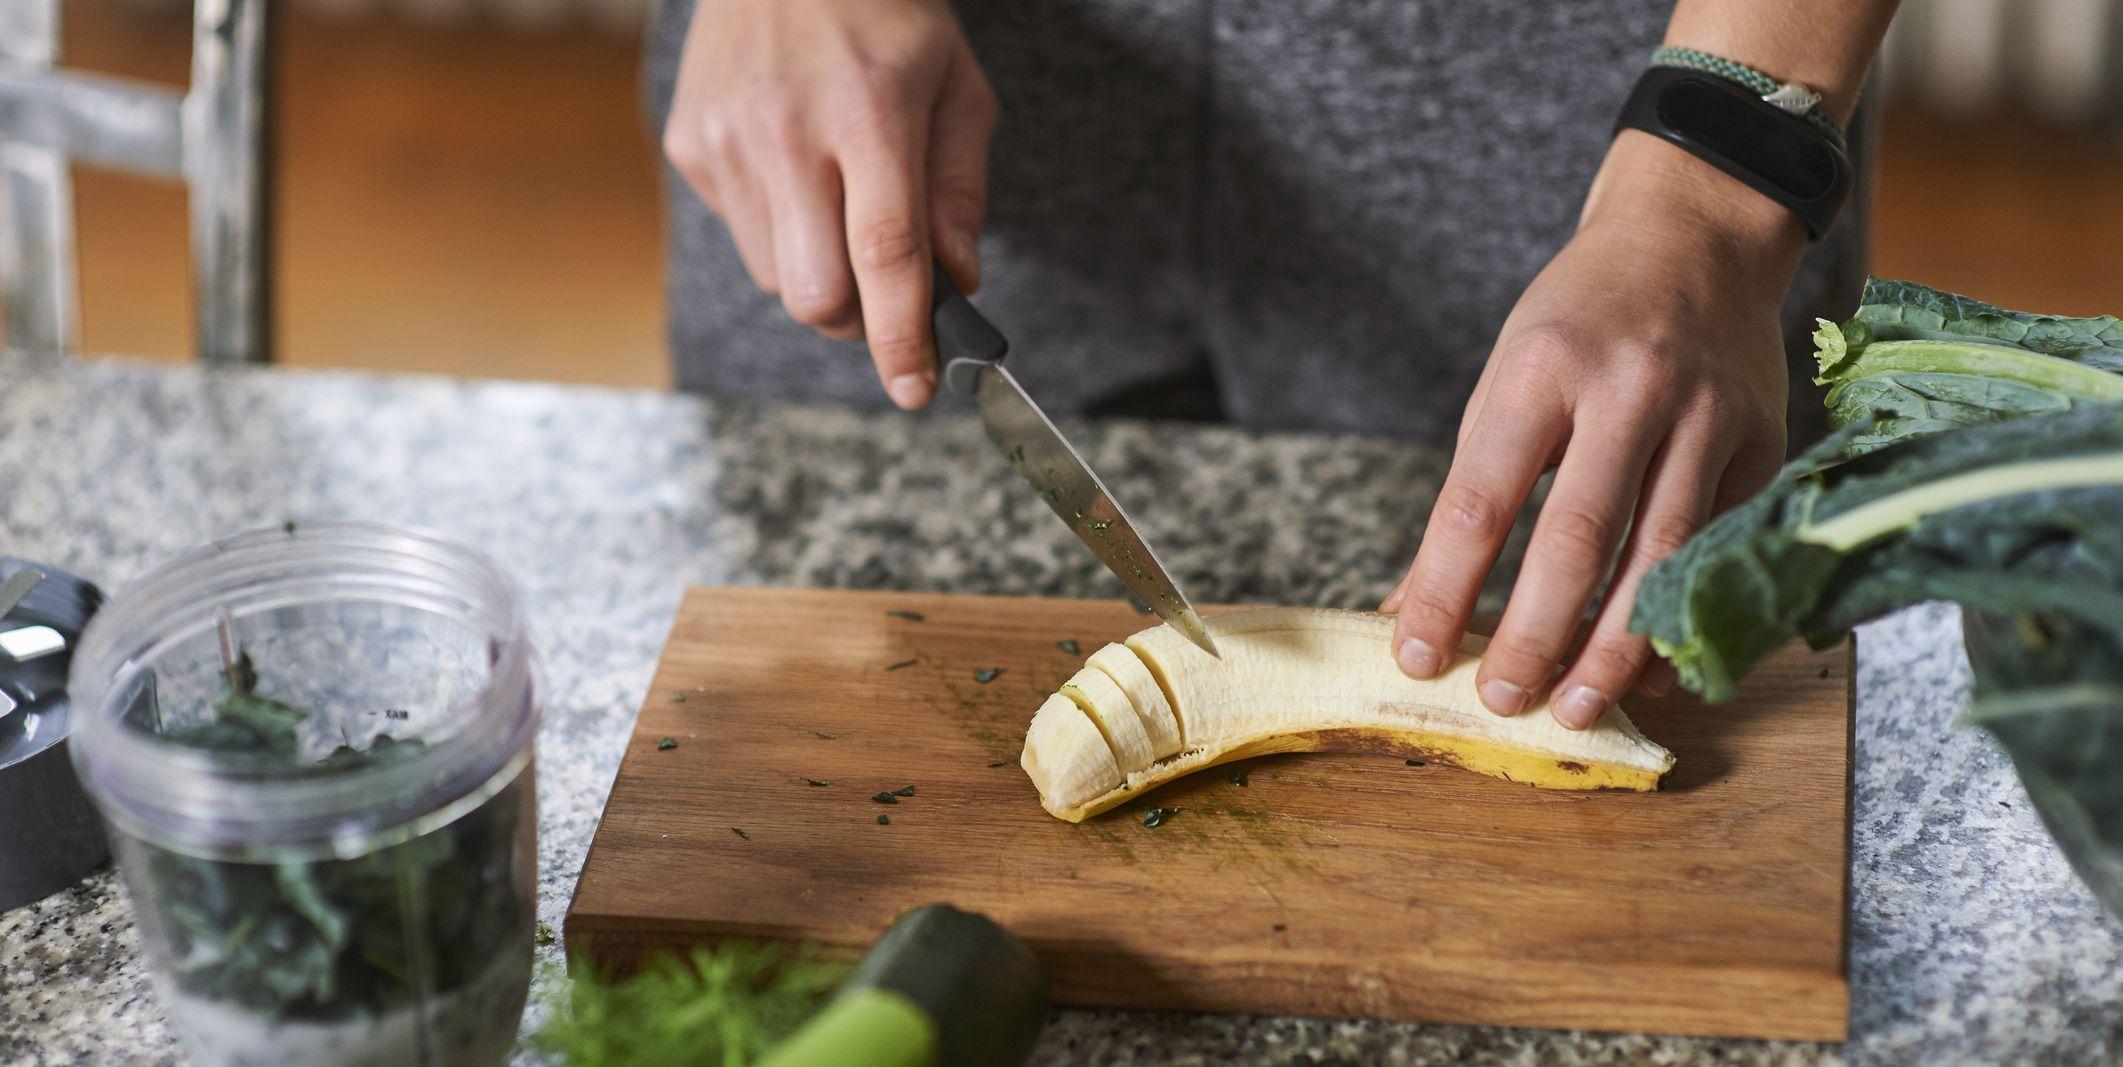 Hands of young woman slicing banana at kitchen table